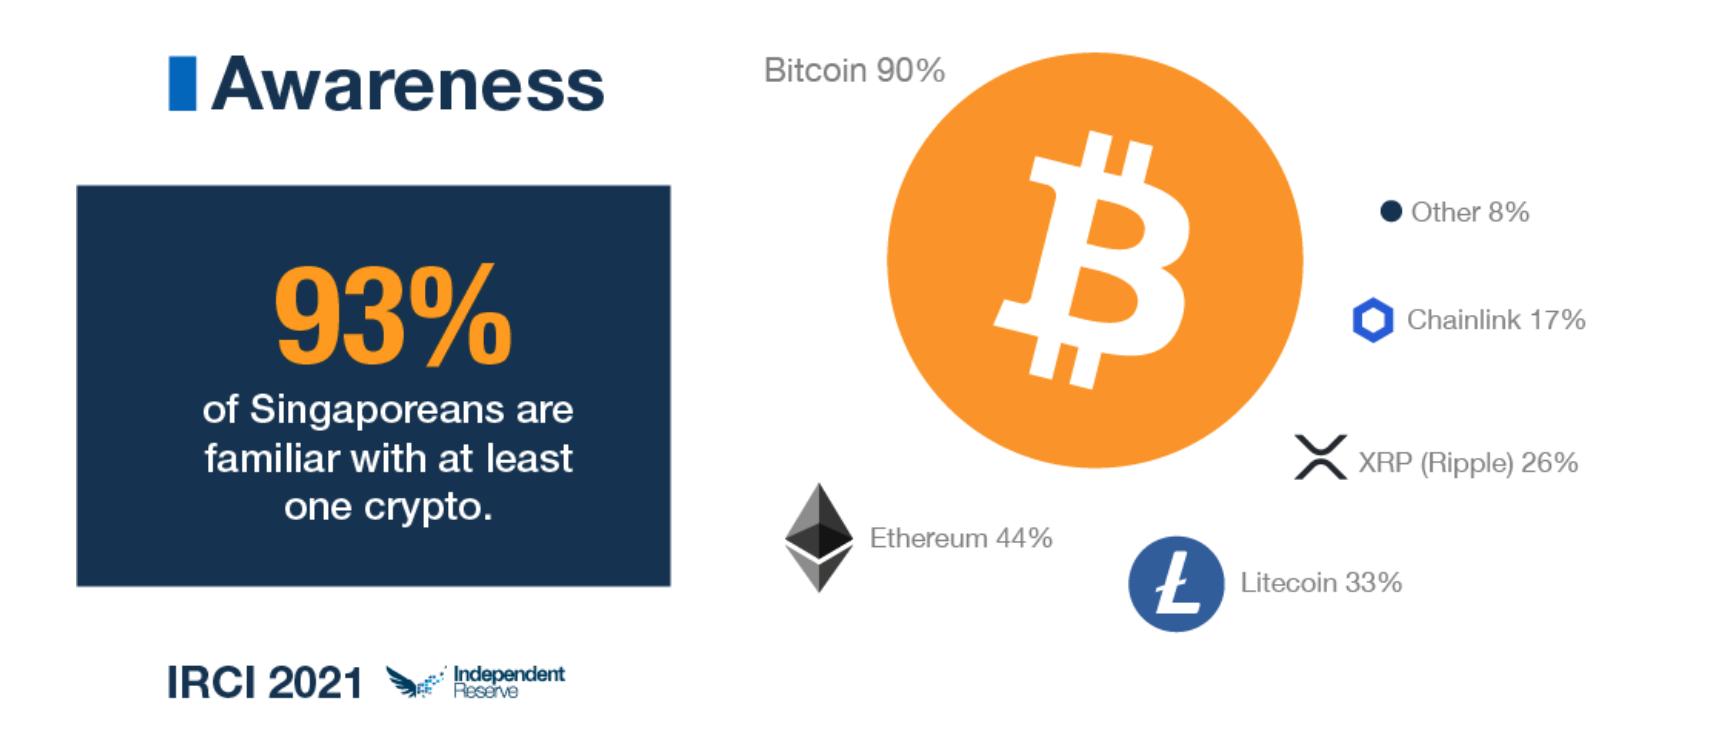 ¿Cuáles son las probabilidades de que Bitcoin supere los $ 50k?